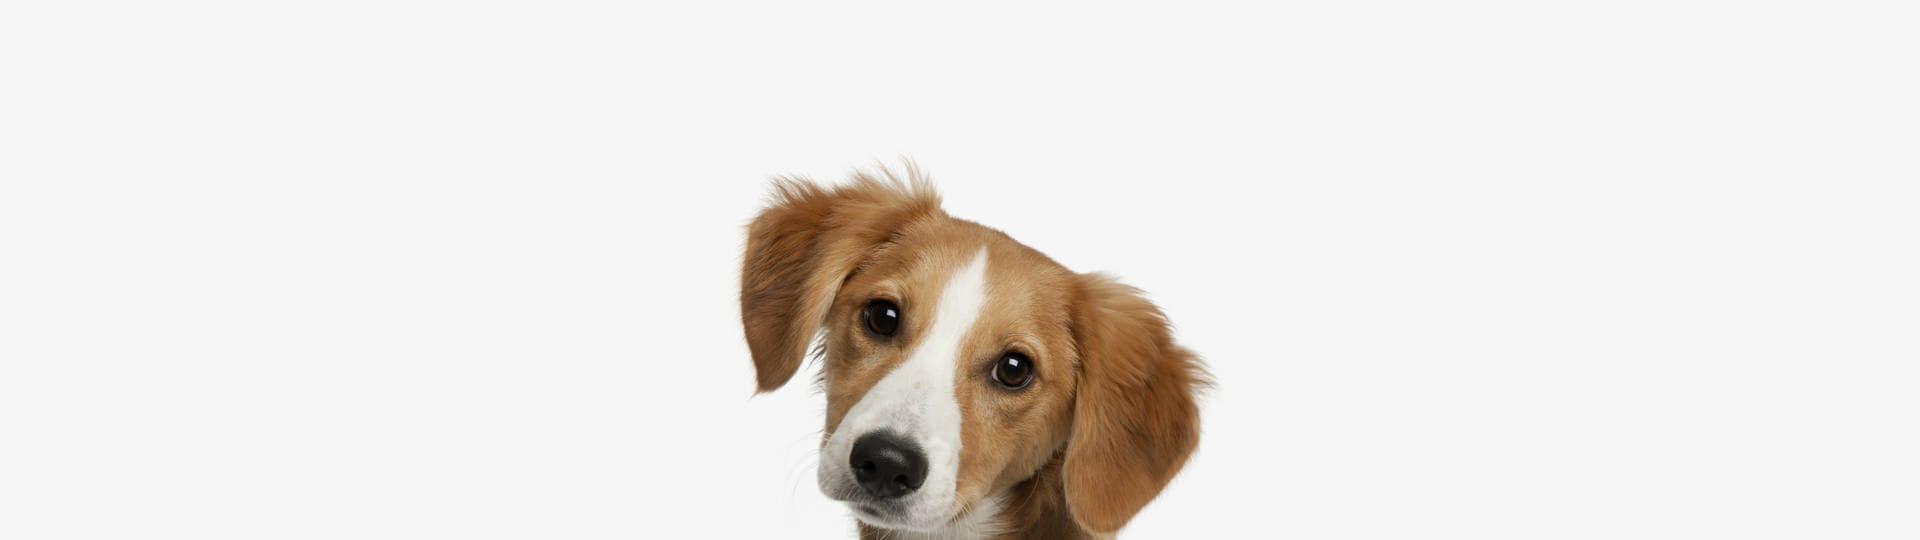 chování psů